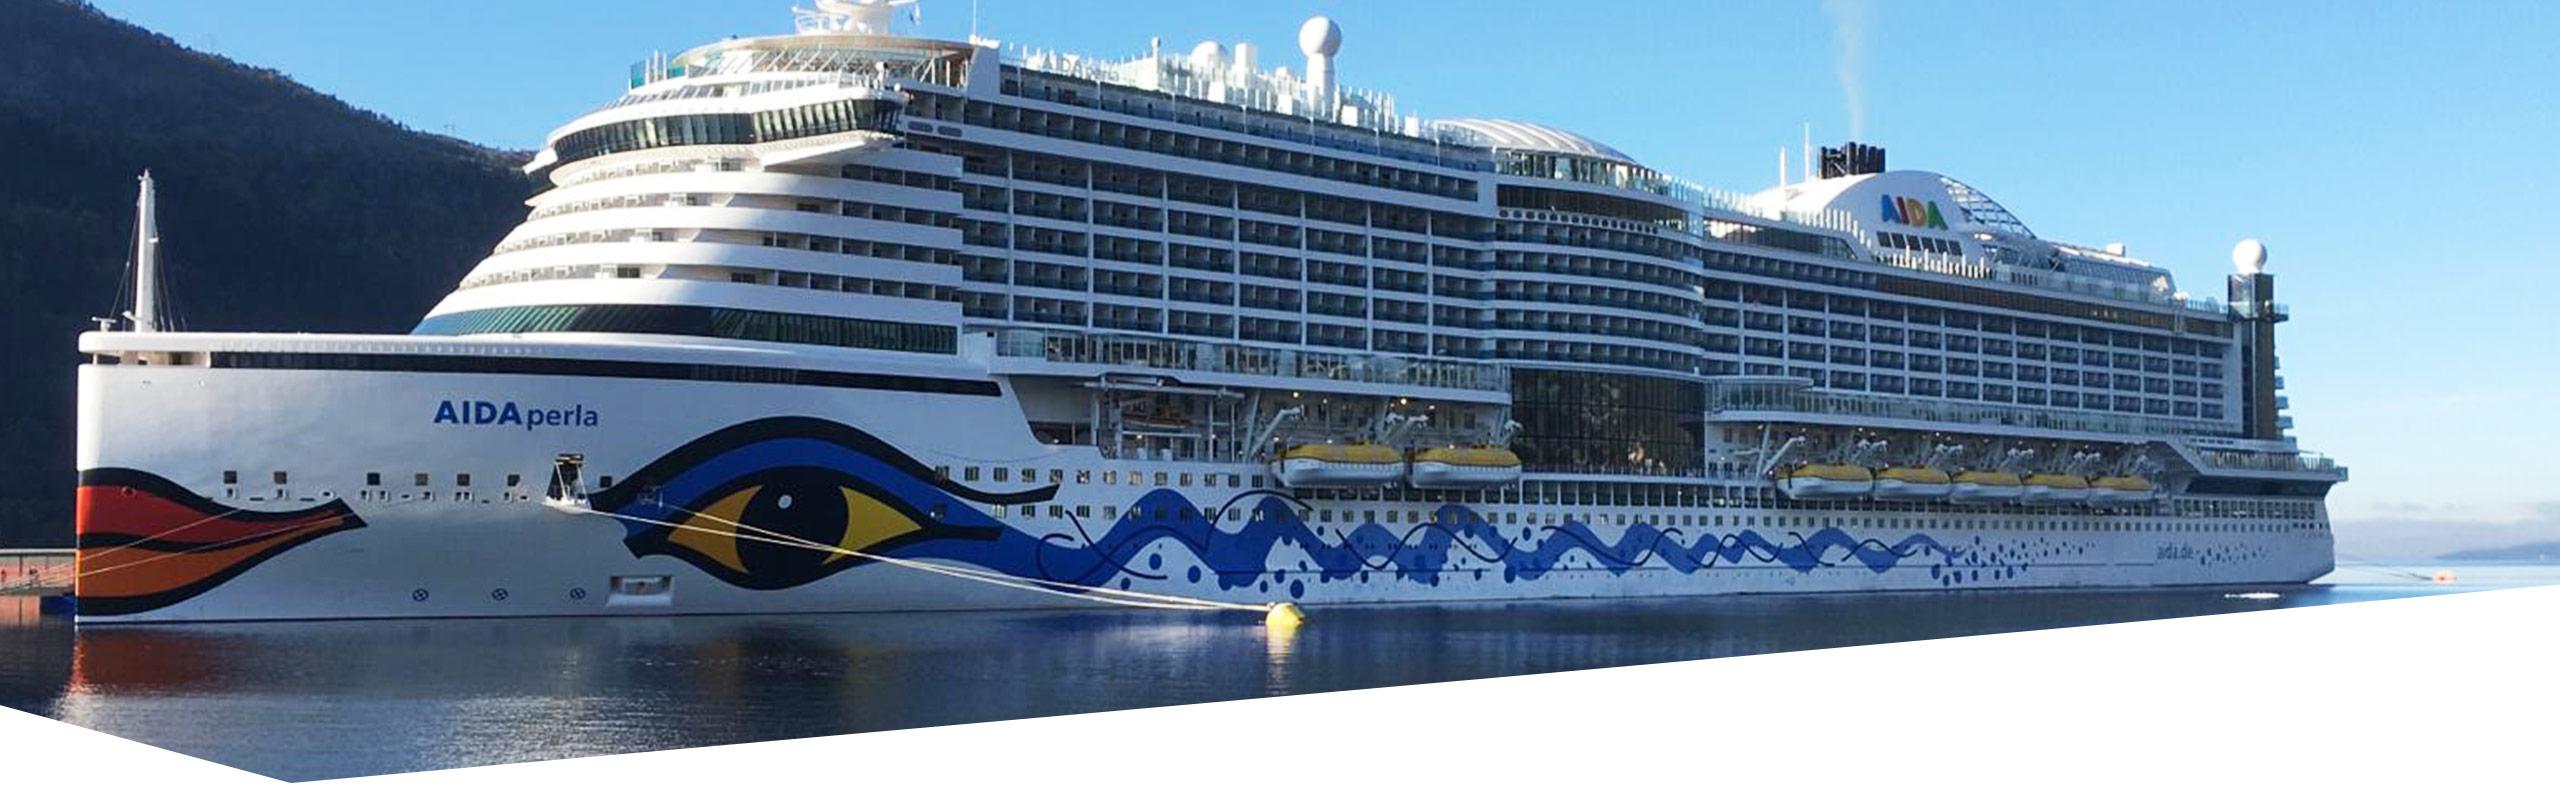 Bild des Schiffs AIDAperla, auf dem der Abschlussjahrgang der Eventmanagement-Studierenden eine Exkursion gemacht hat